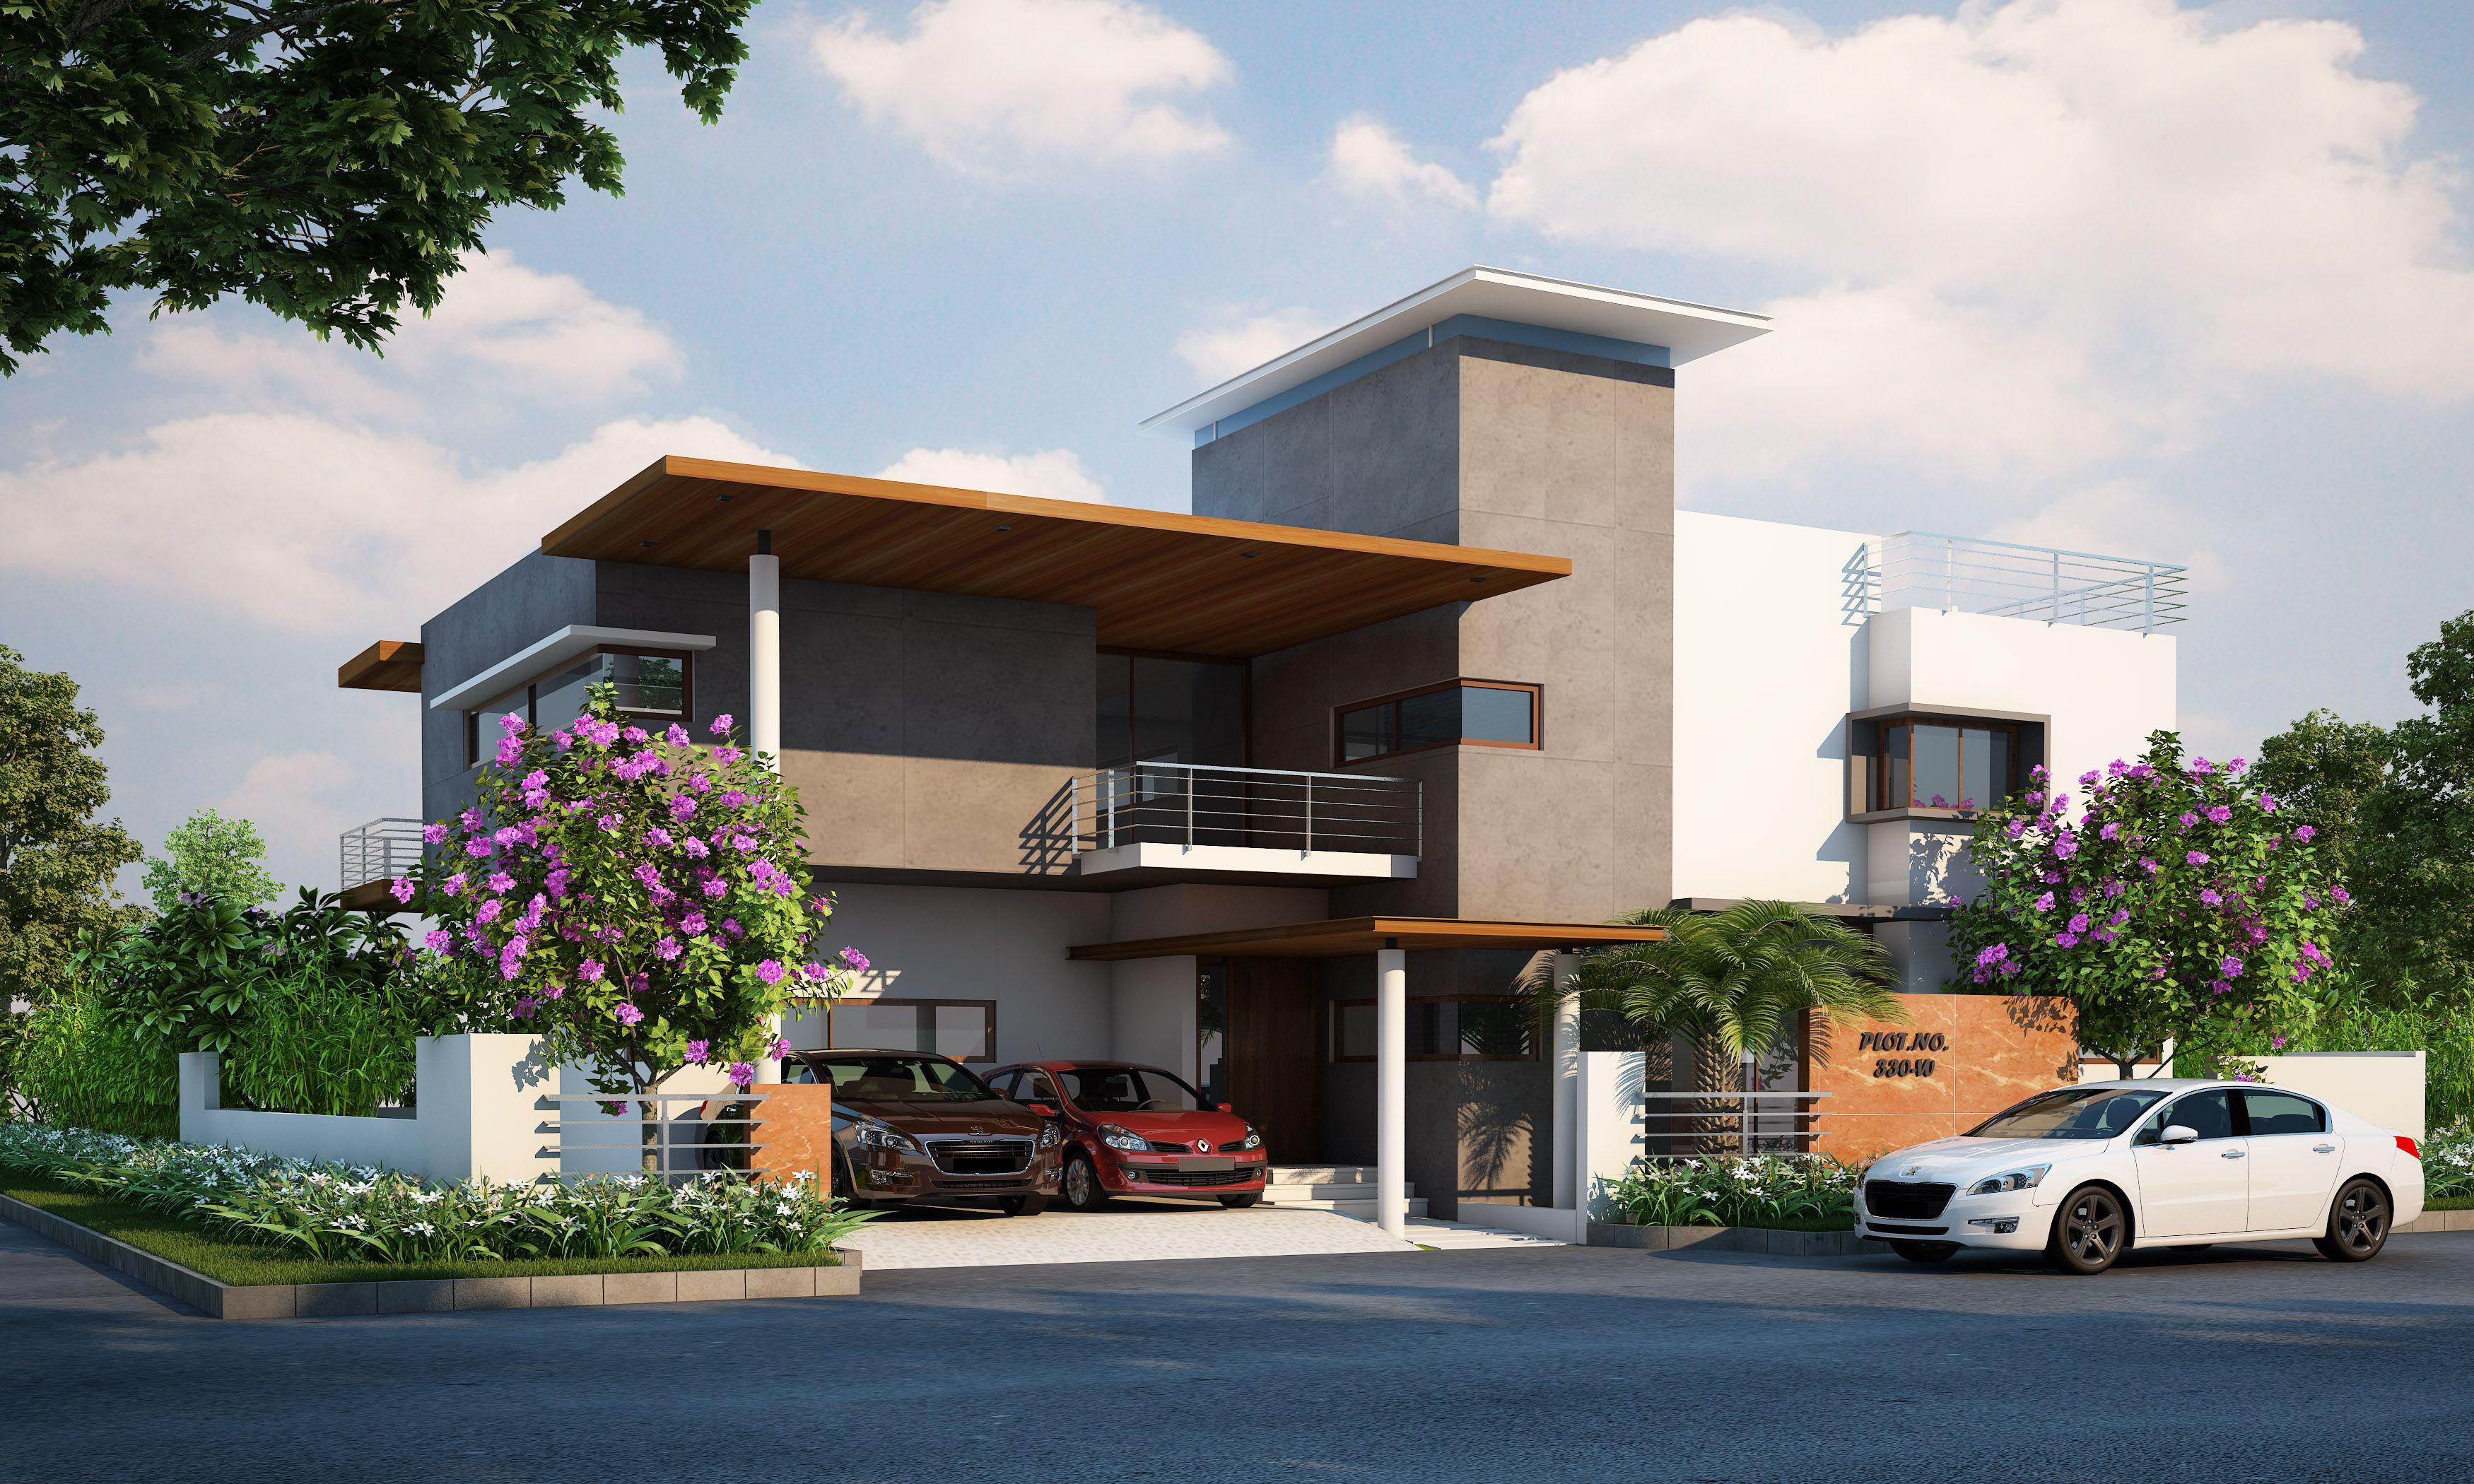 171d8620d351dc62f6536e61aec792ba - Villa For Sale In Nectar Gardens Madhapur